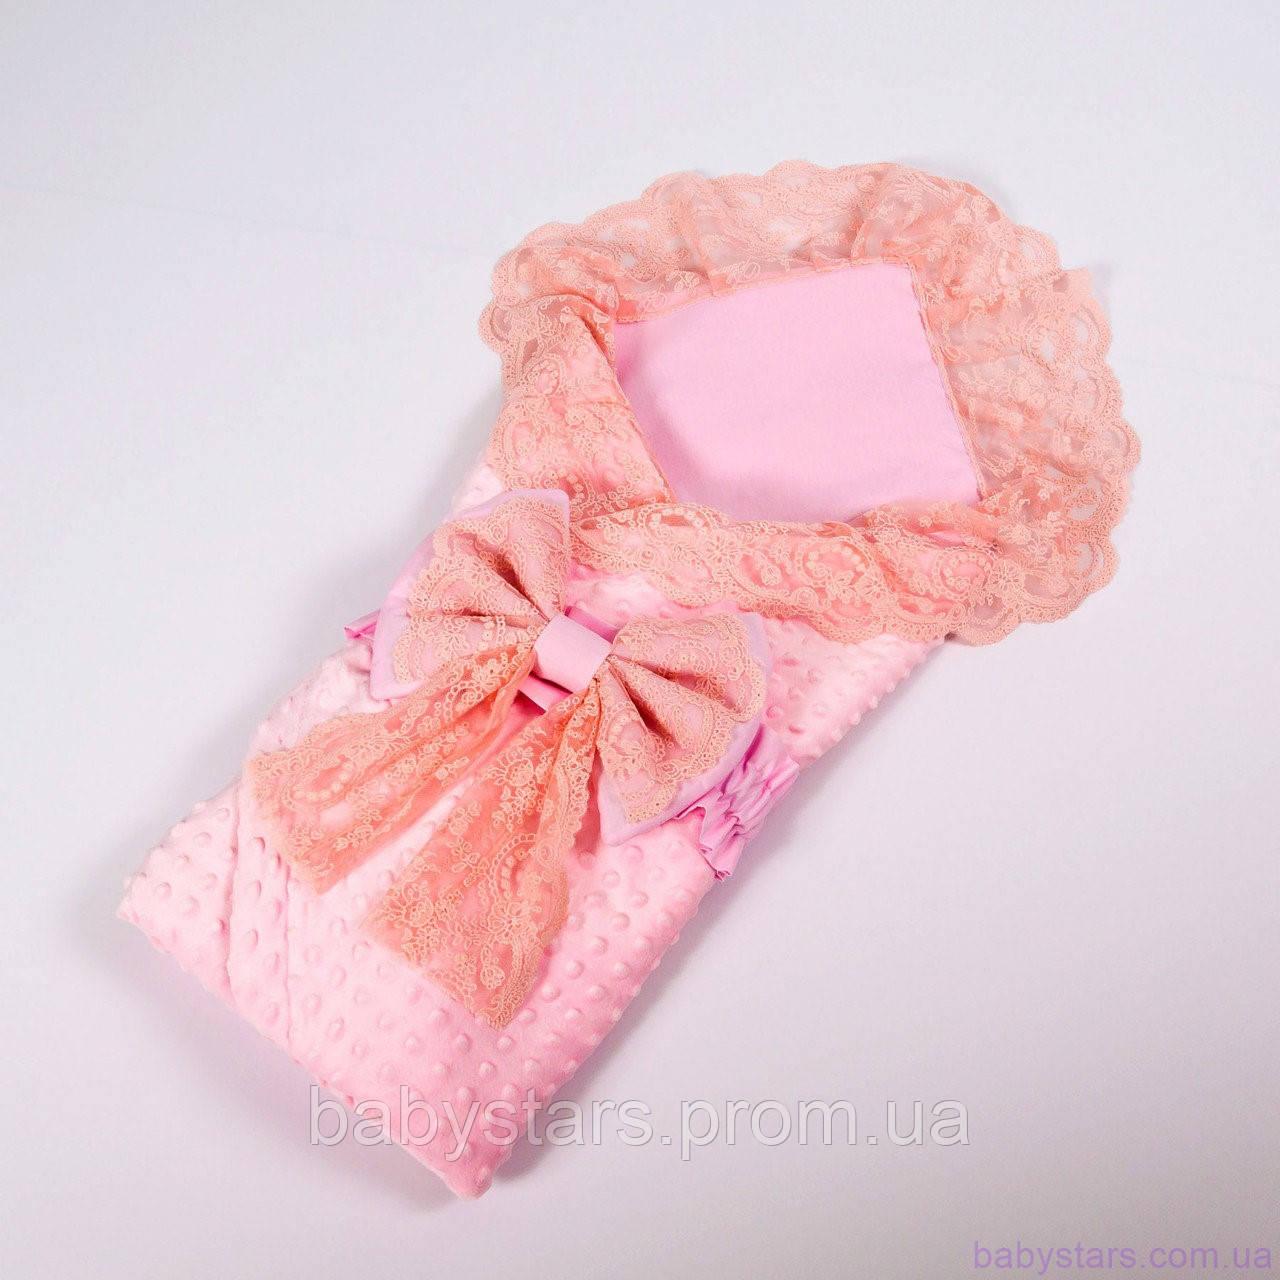 Летний конверт одеяло для новорожденных с кружевом + плед балеринки с розовым плюшем 78х85см